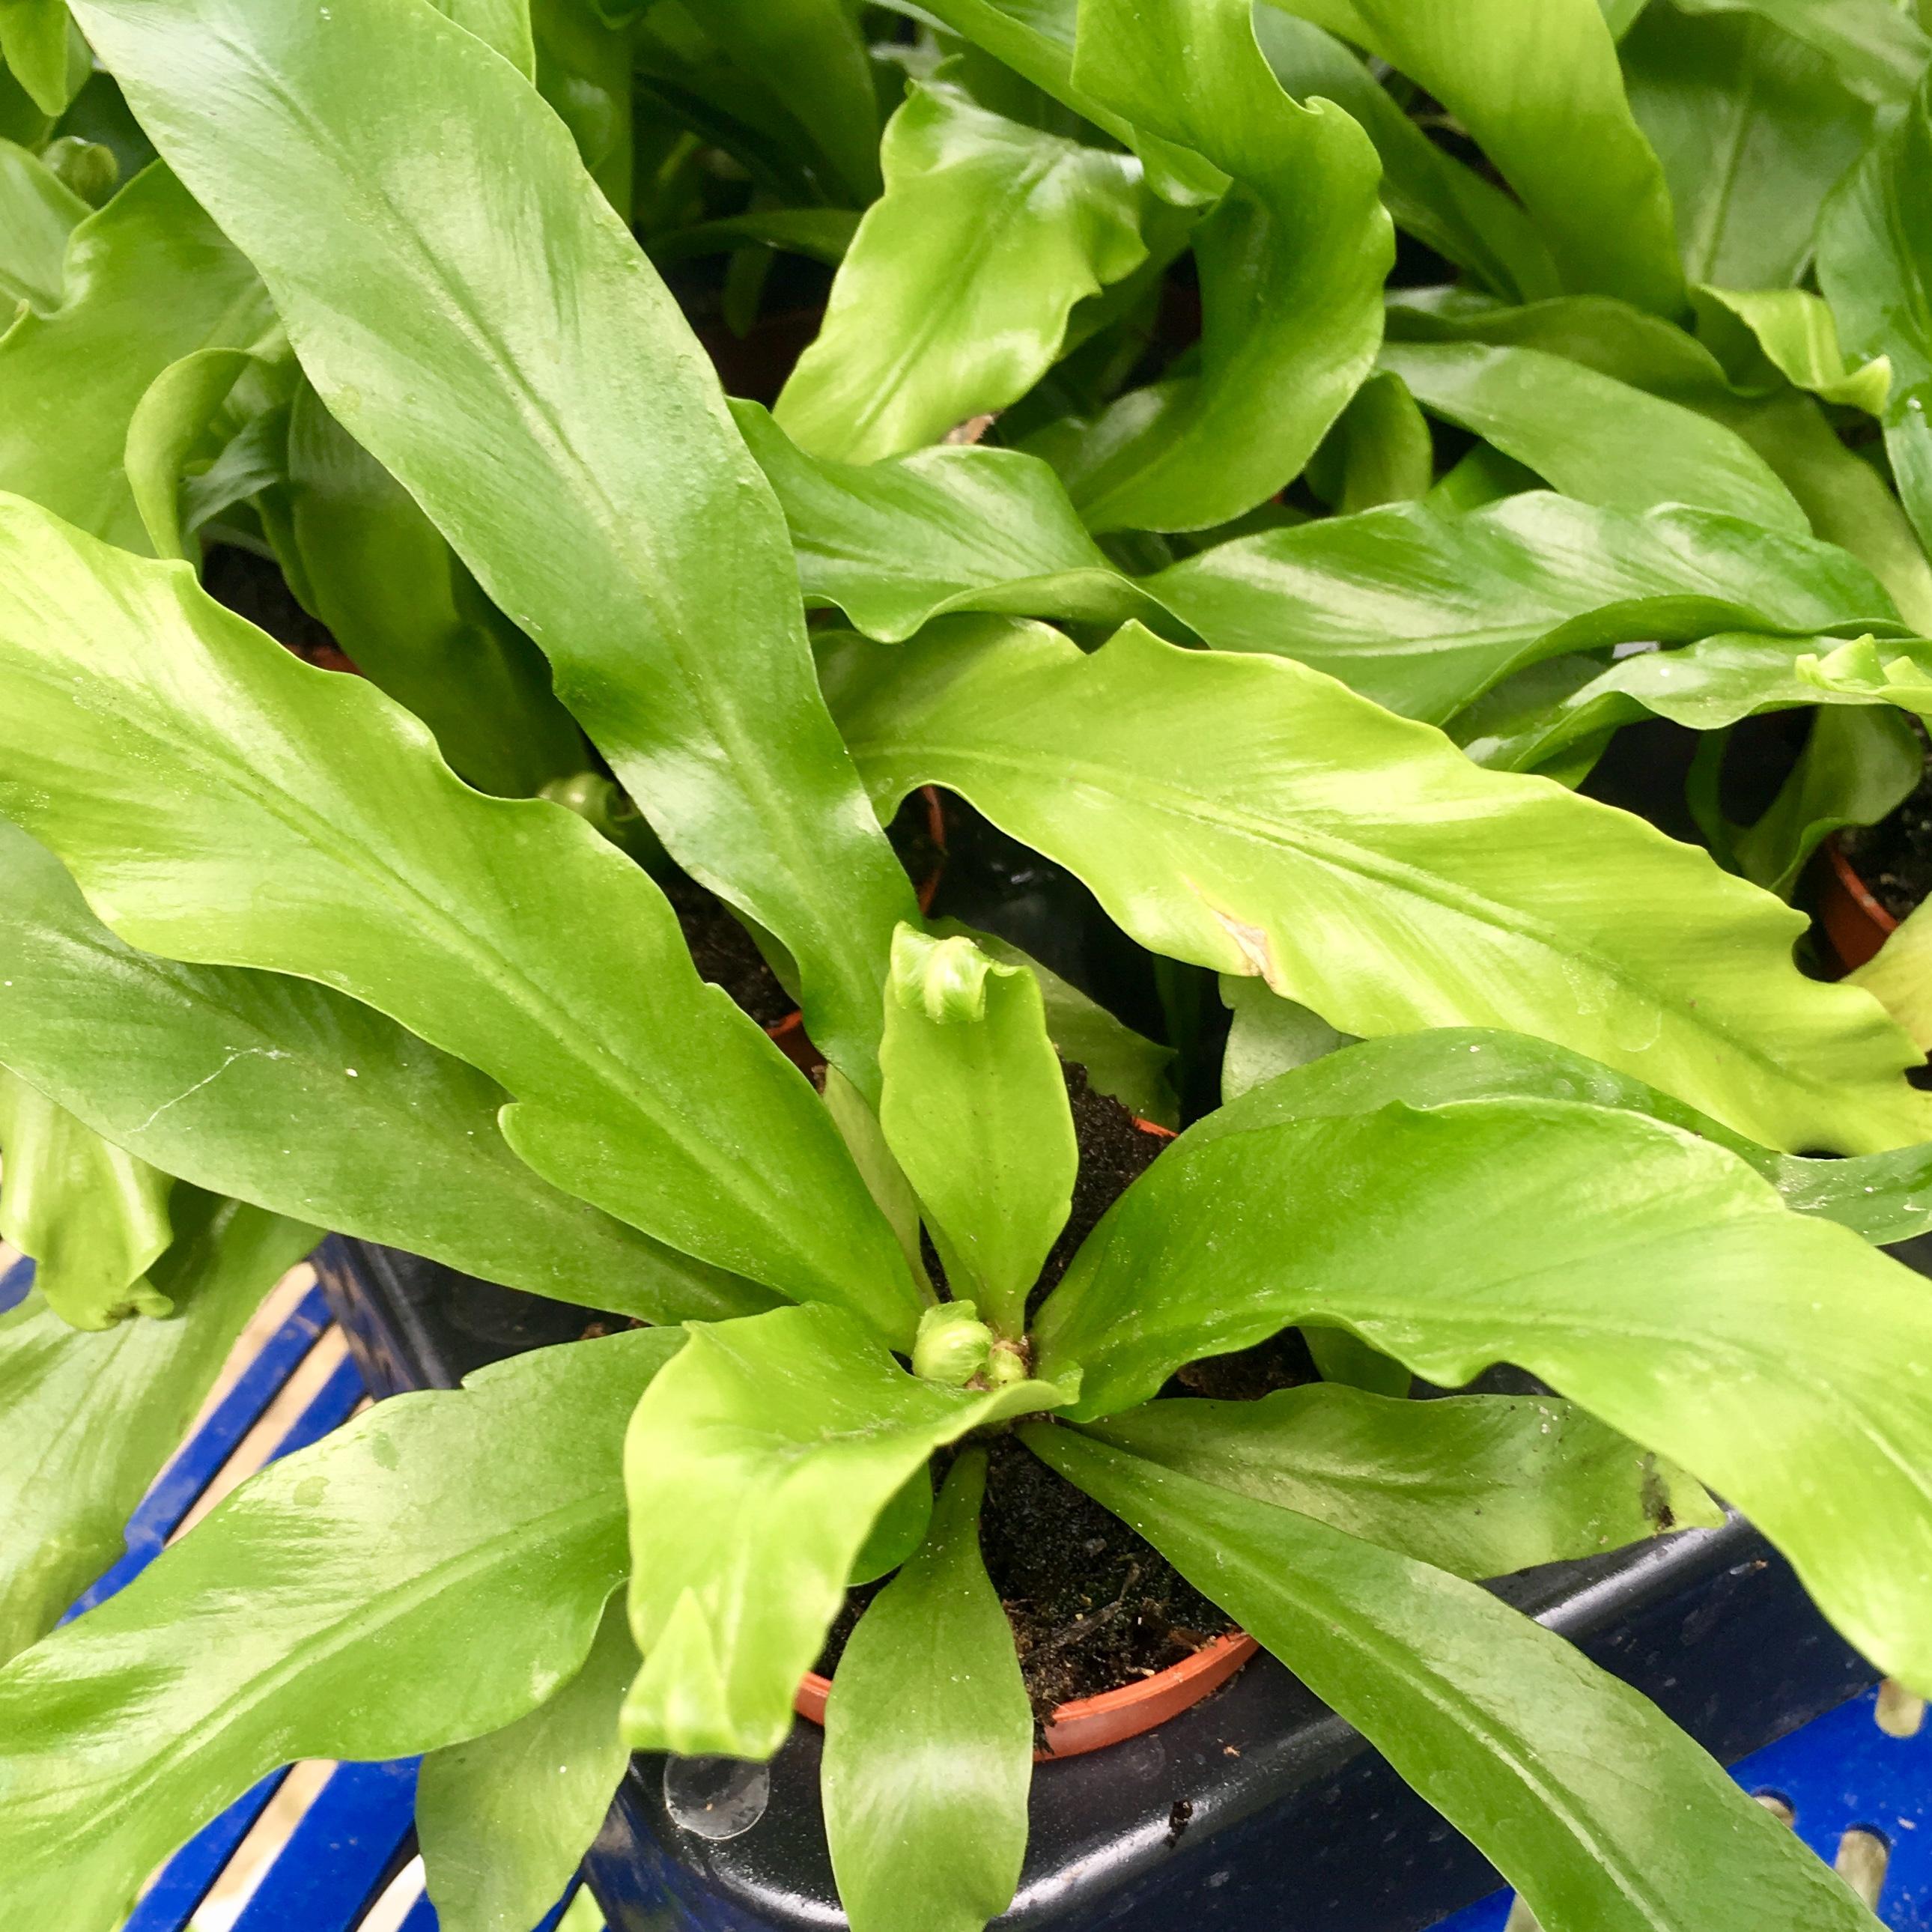 Pro Rep Live Edible Plant - Asplenium Antiquum 'Birds Nest Fern', 5cm Pot